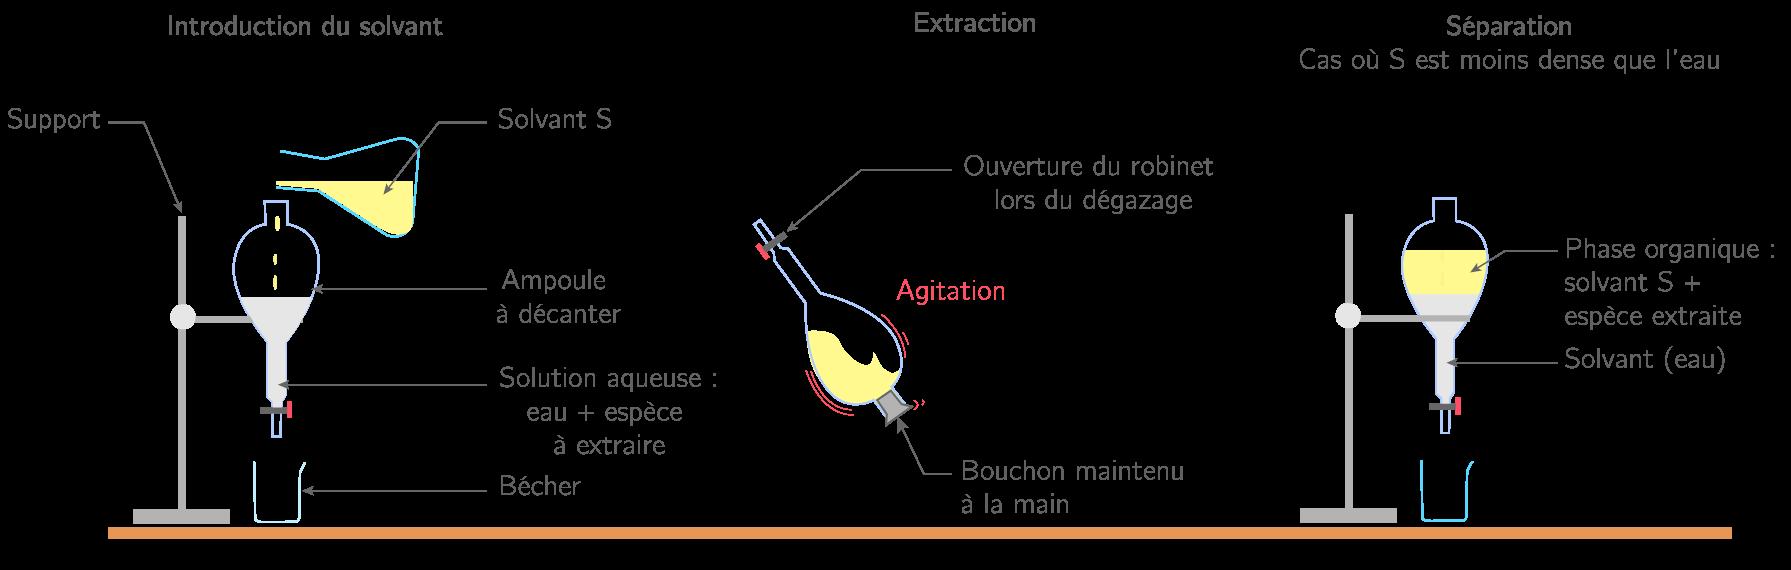 Les trois étapes d'une extraction par solvant